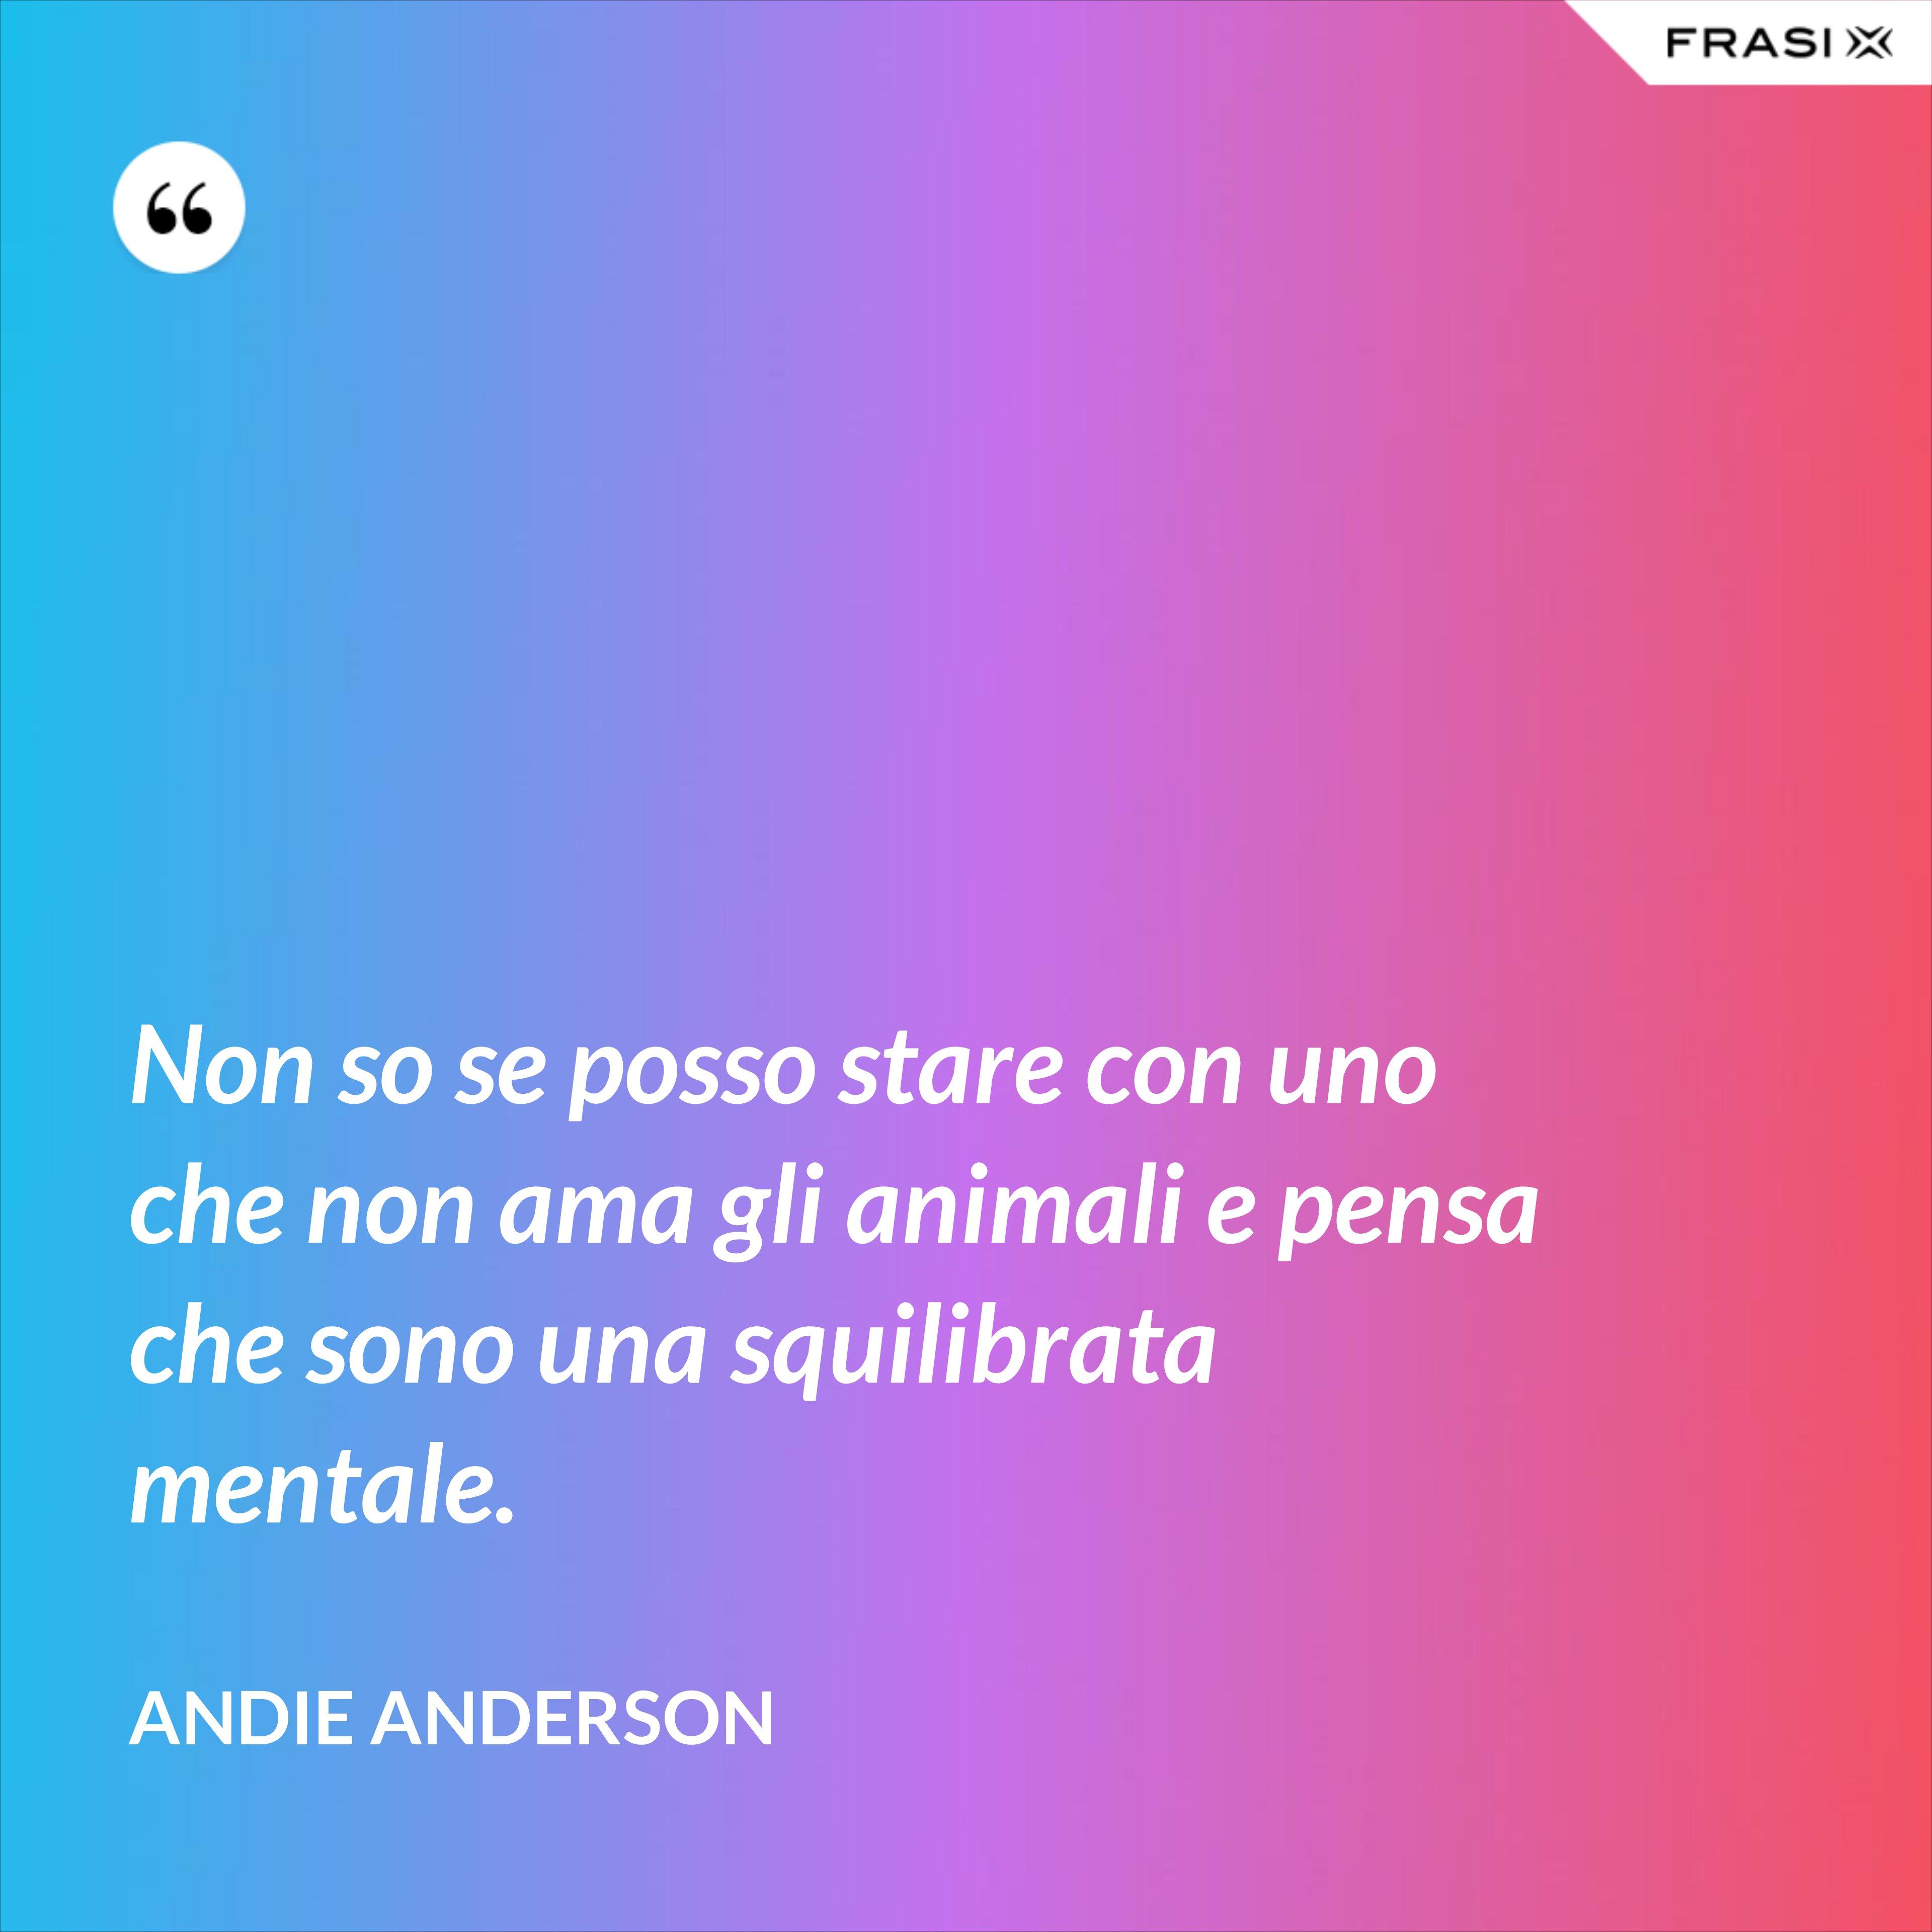 Non so se posso stare con uno che non ama gli animali e pensa che sono una squilibrata mentale. - Andie Anderson